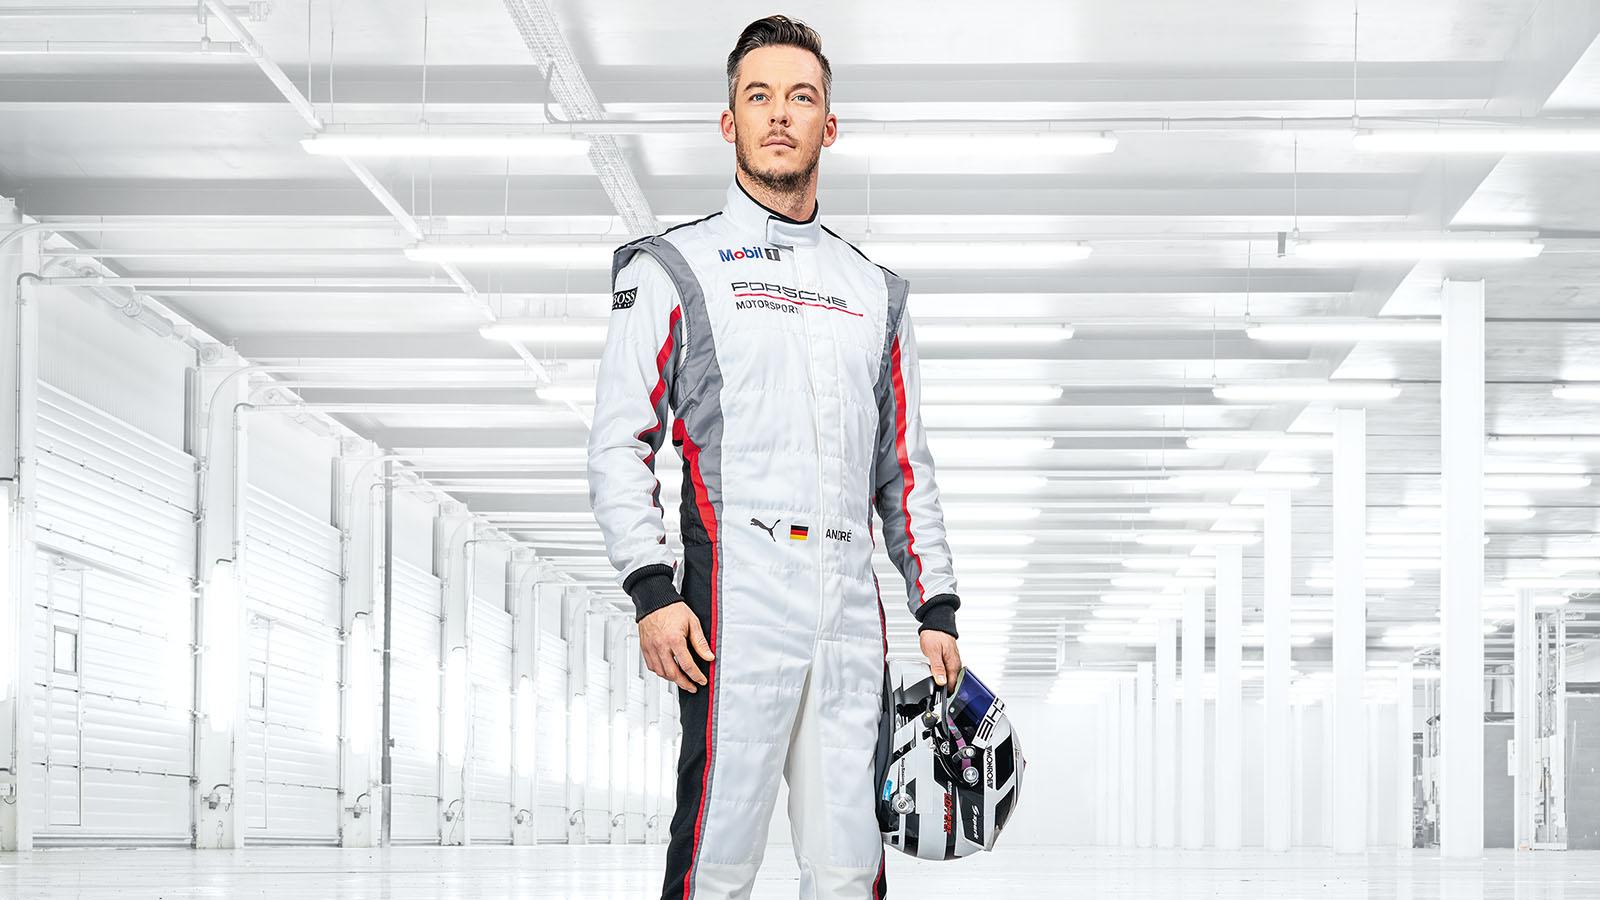 Porsche - André Lotterer GER